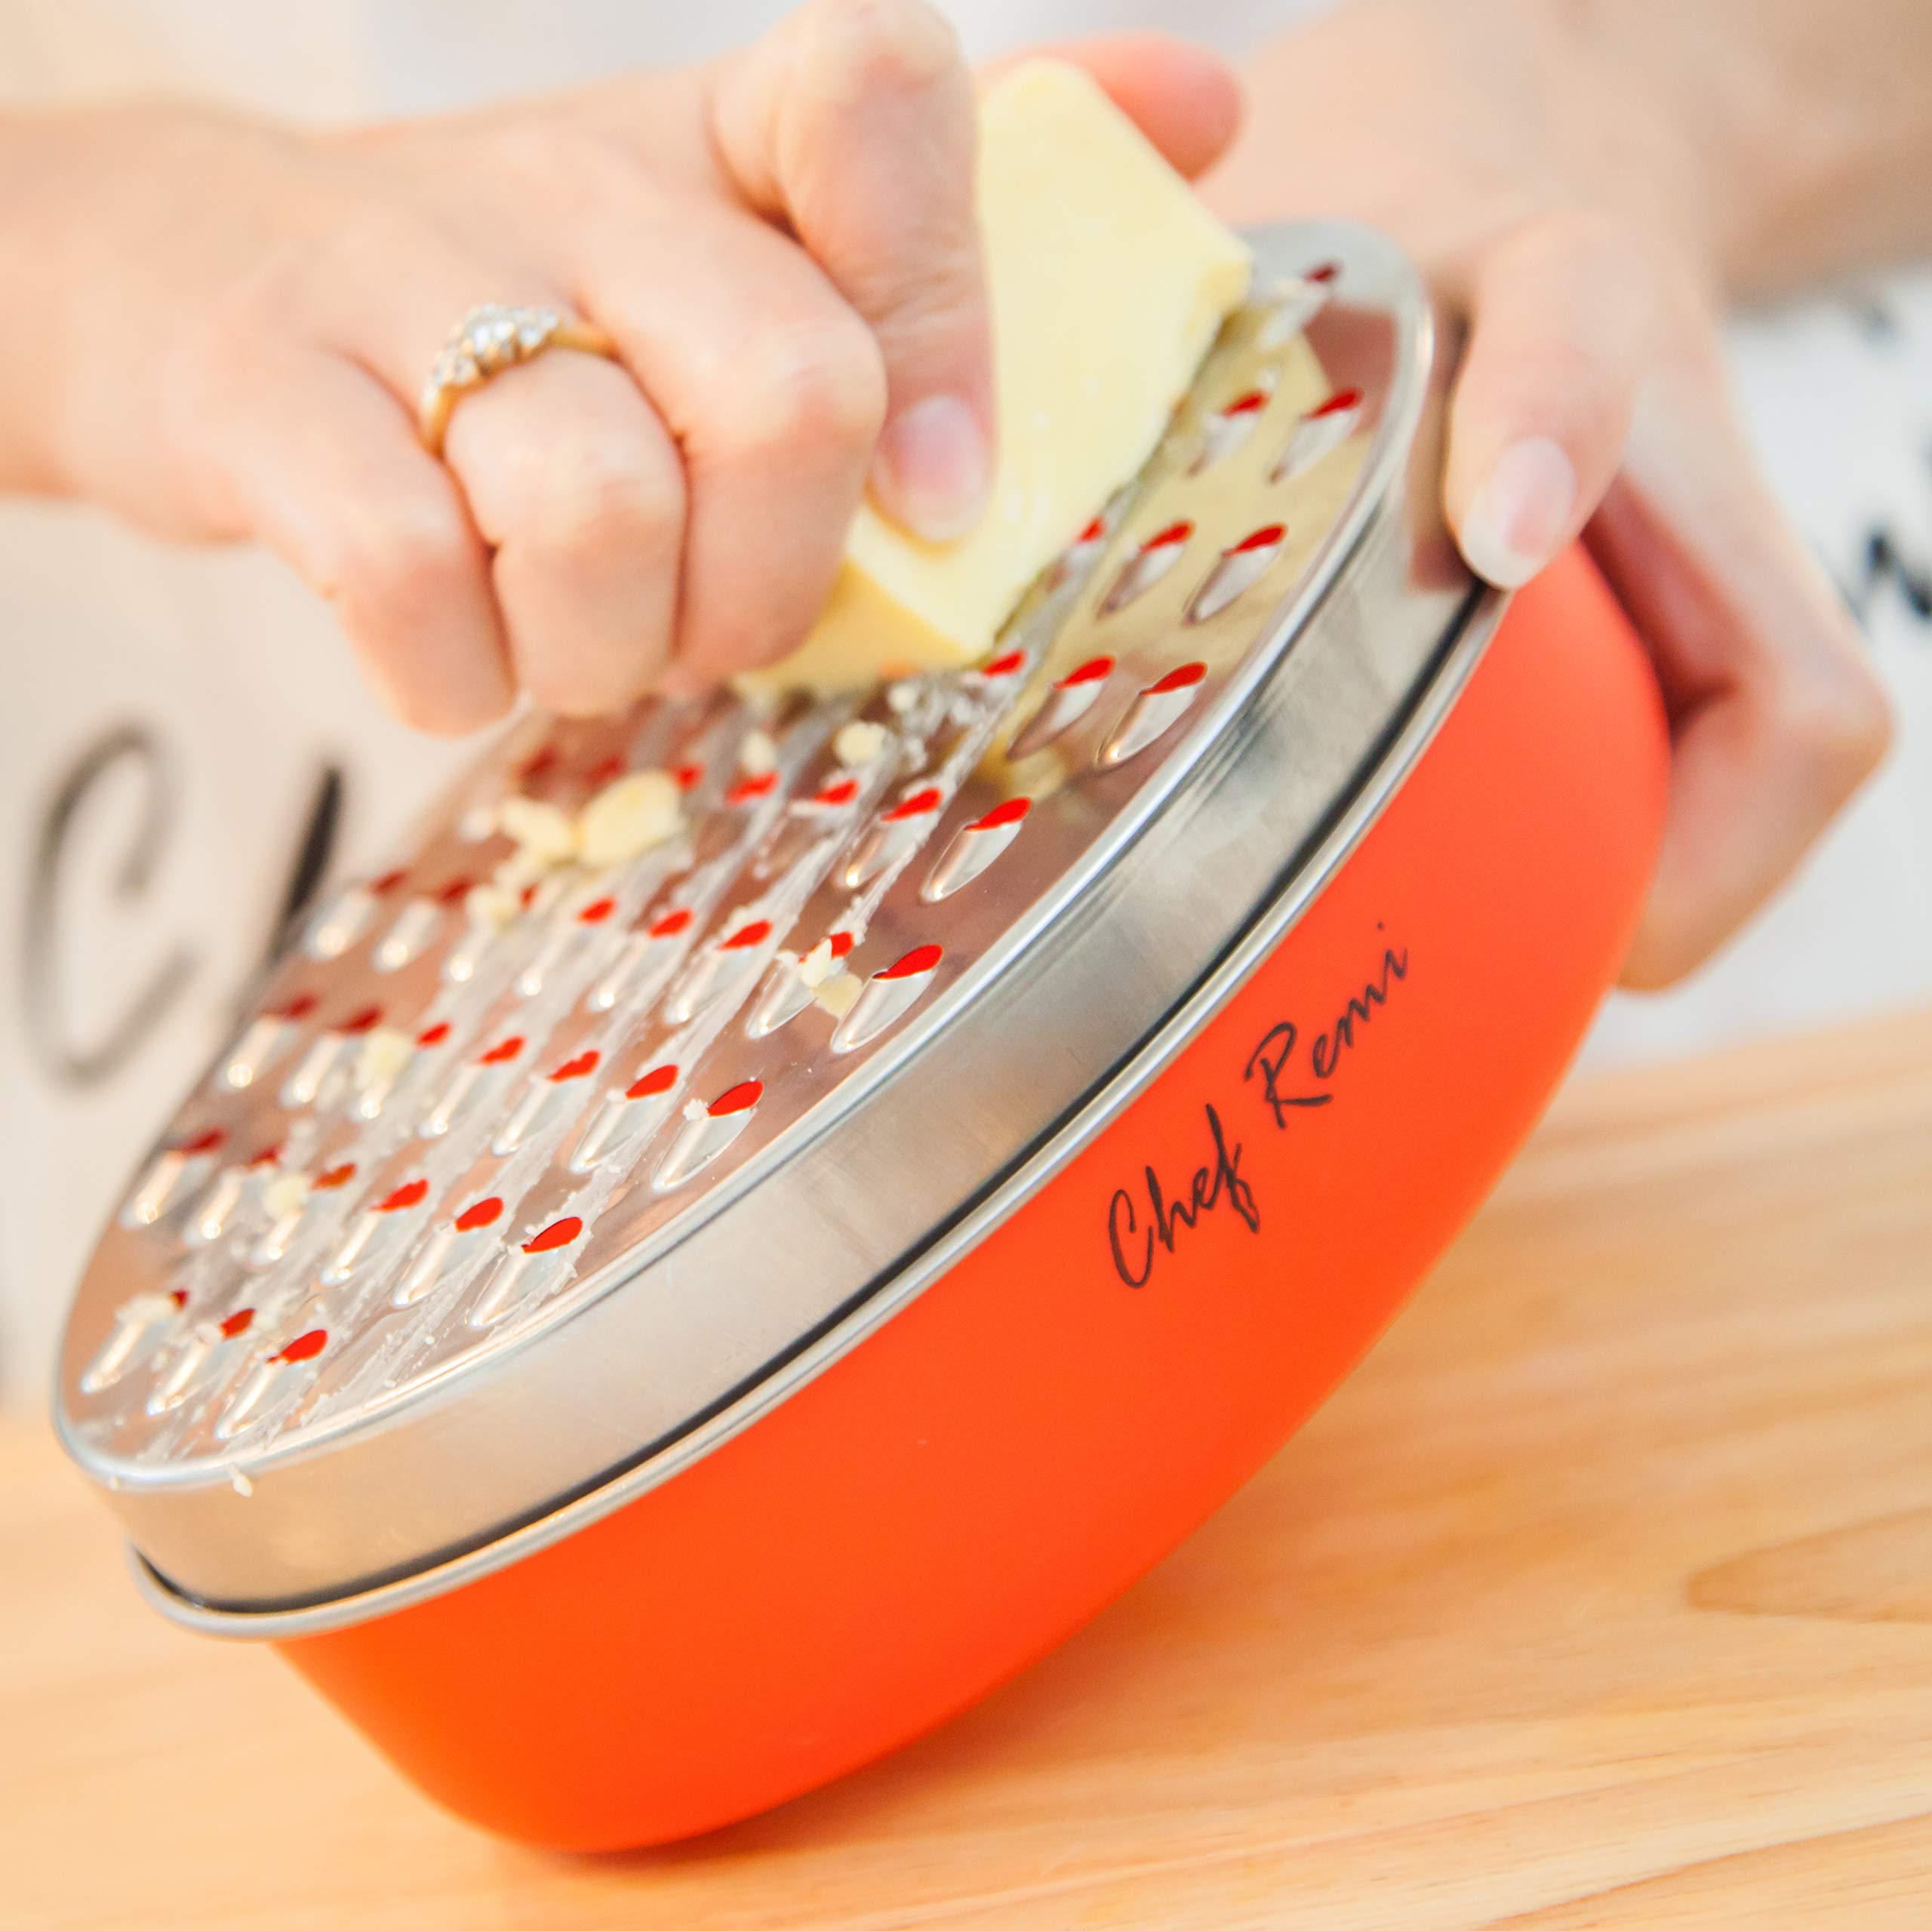 Rallador de Queso con Contenedor de Alimentos. Posicionado como el Nº1 de los Ralladores de Queso Duro o Blando, como el Parmesano, Verduras o y Cítricos. El Utensilio Ideal para tu Cocina